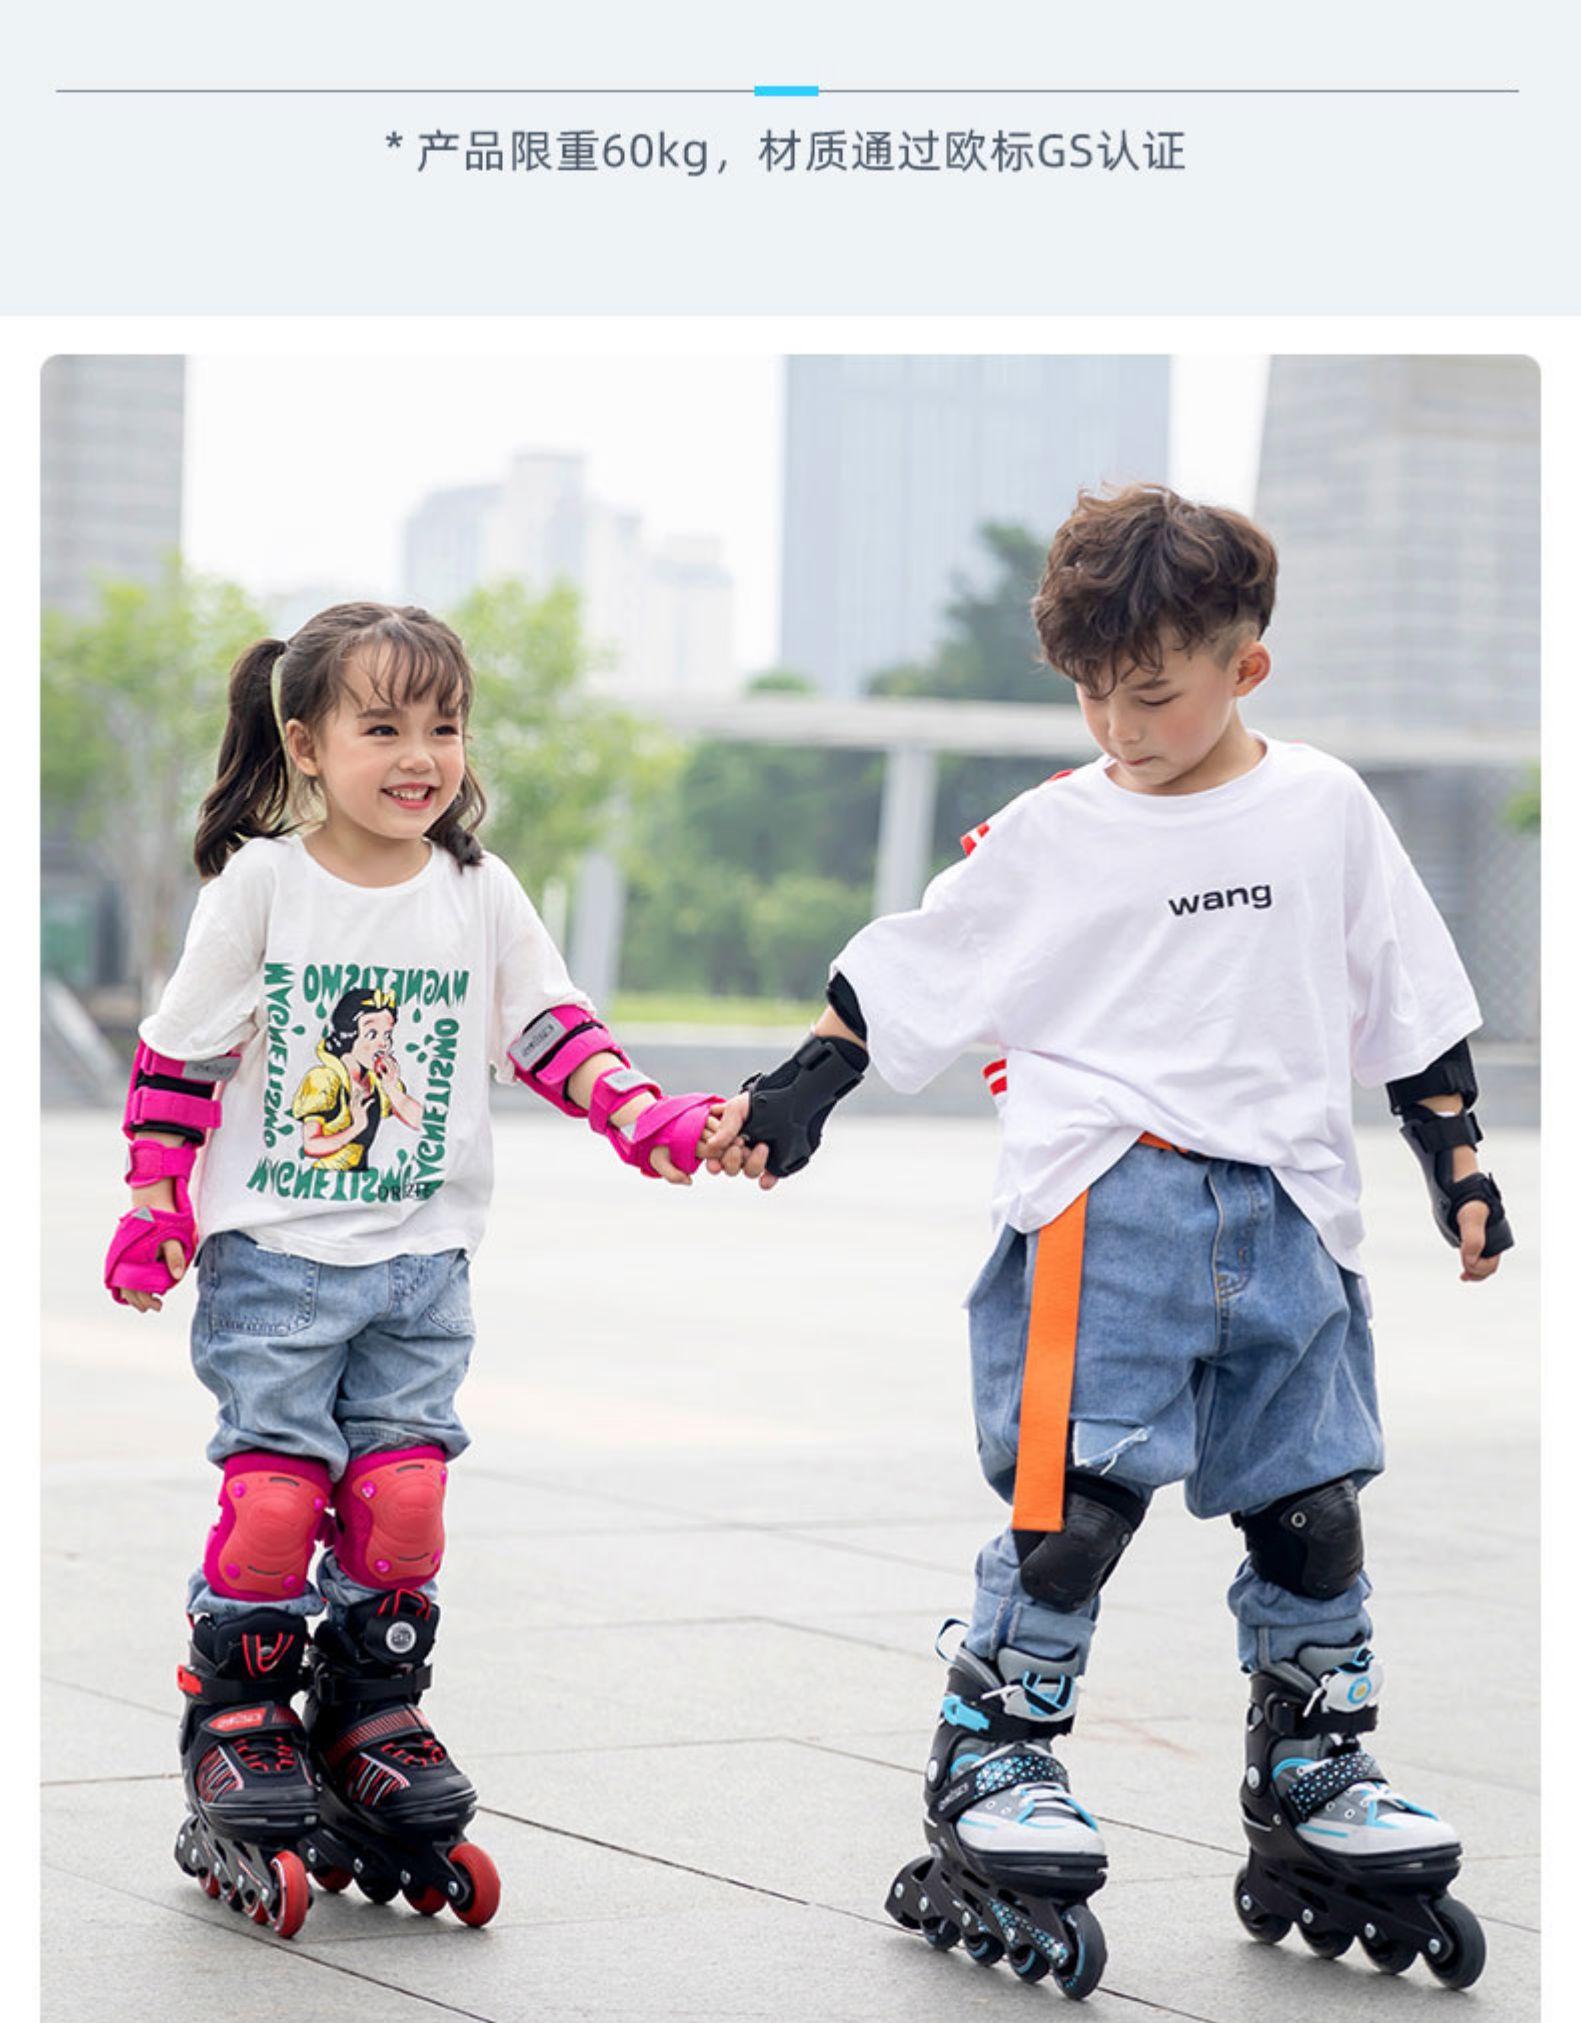 欧标GS认证 Solex 儿童初学 直排轮滑鞋 长宽双向调节 图12